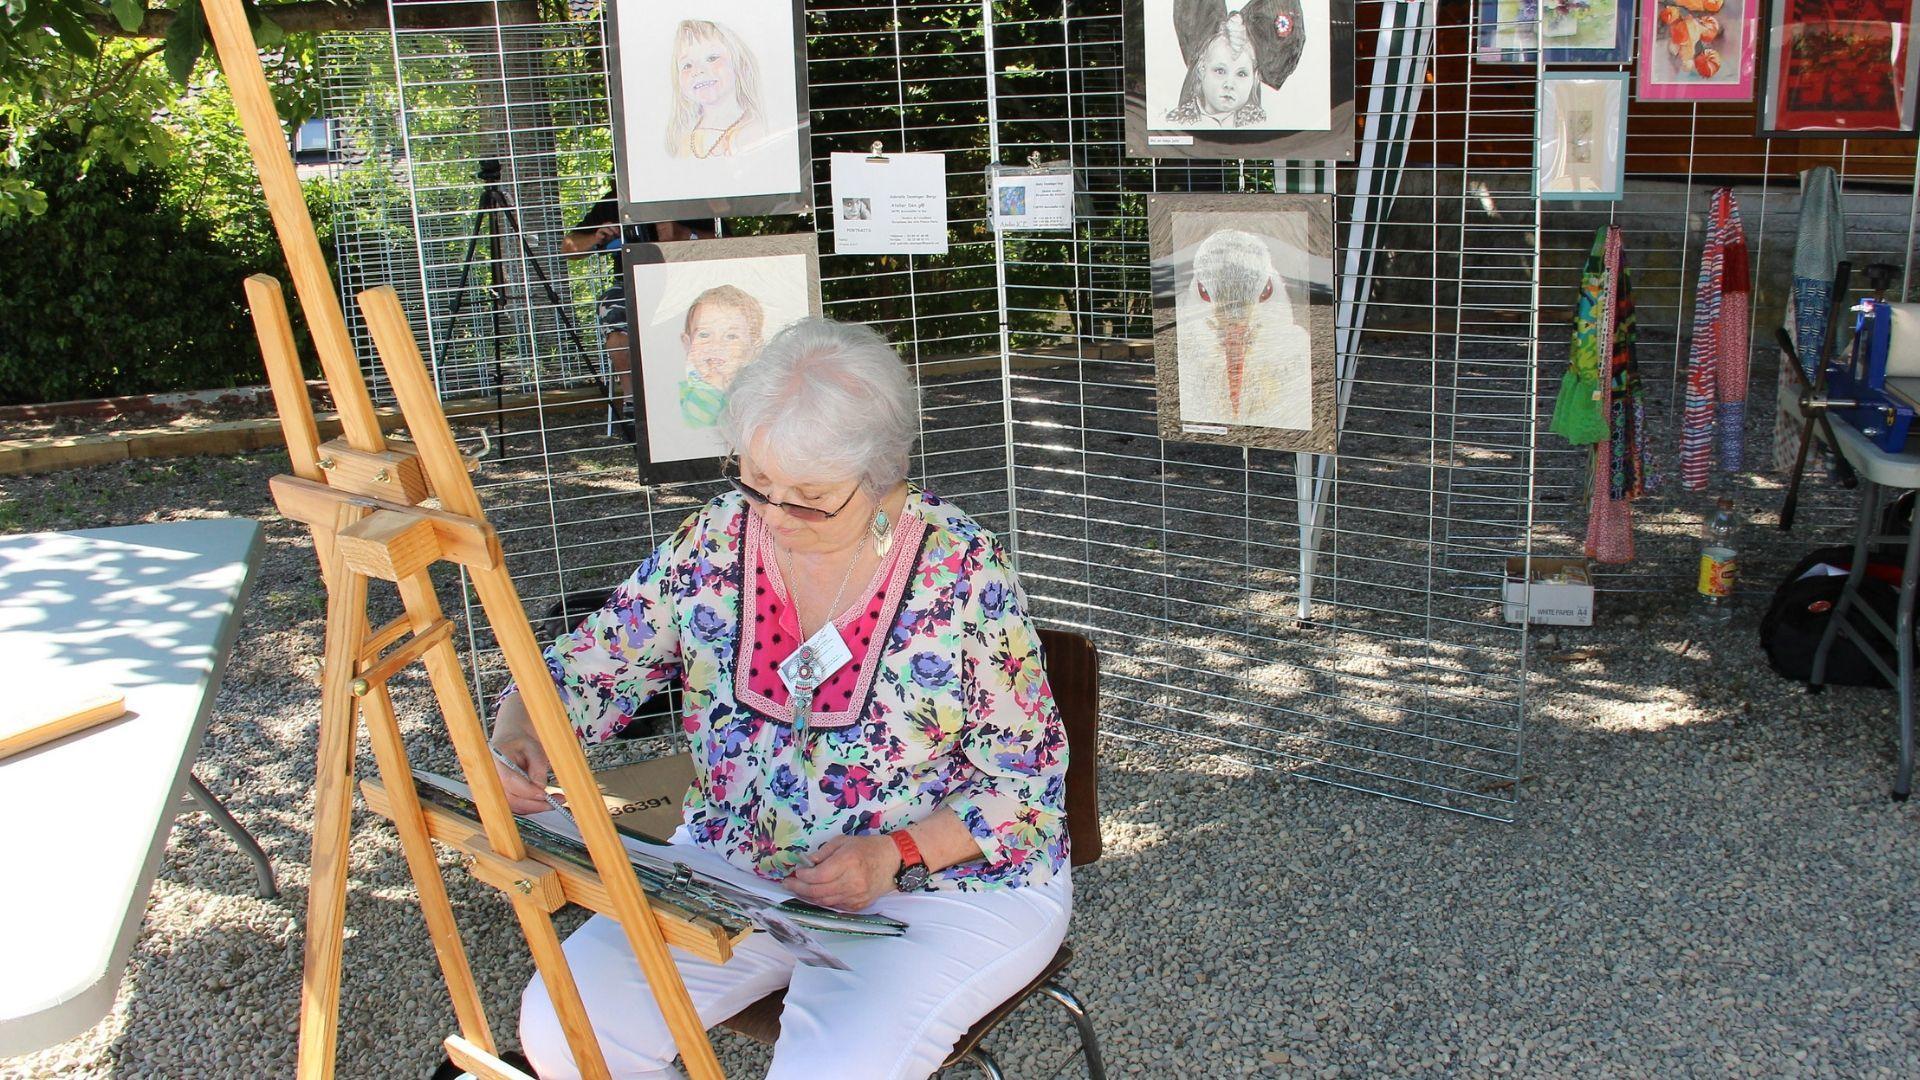 Atelier peinture en plein air au Jardin des Passions de Morschwiller-le-Bas